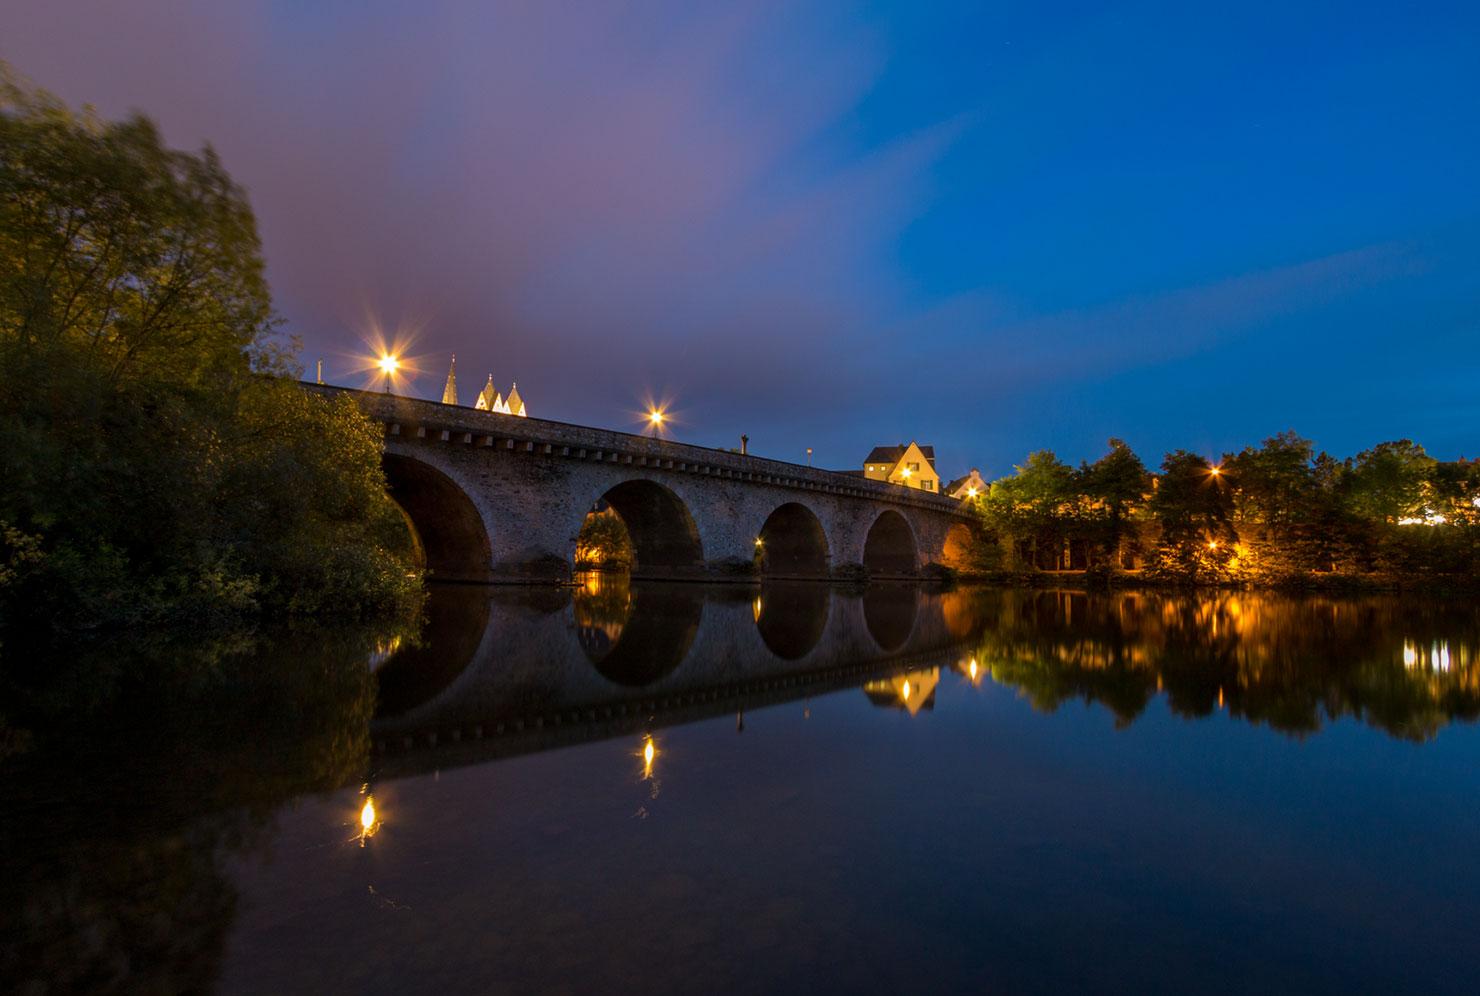 Limburg Alte Lahnbrücke Sommer blaue Stunde